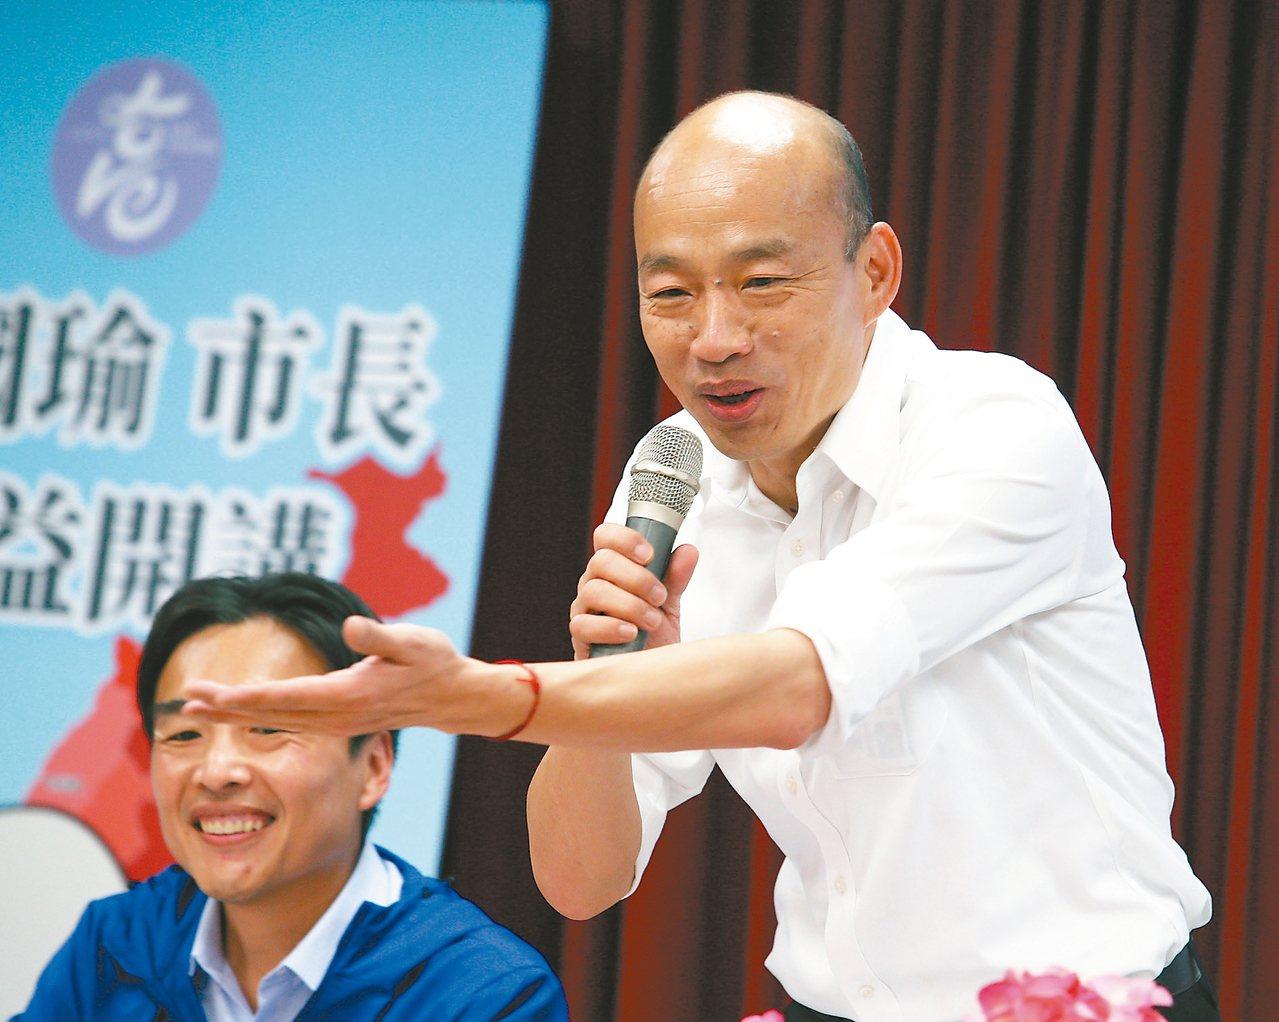 高雄市長韓國瑜表示,自己的民調跟蔡英文總統民調非常非常接近。 記者劉學聖/攝影